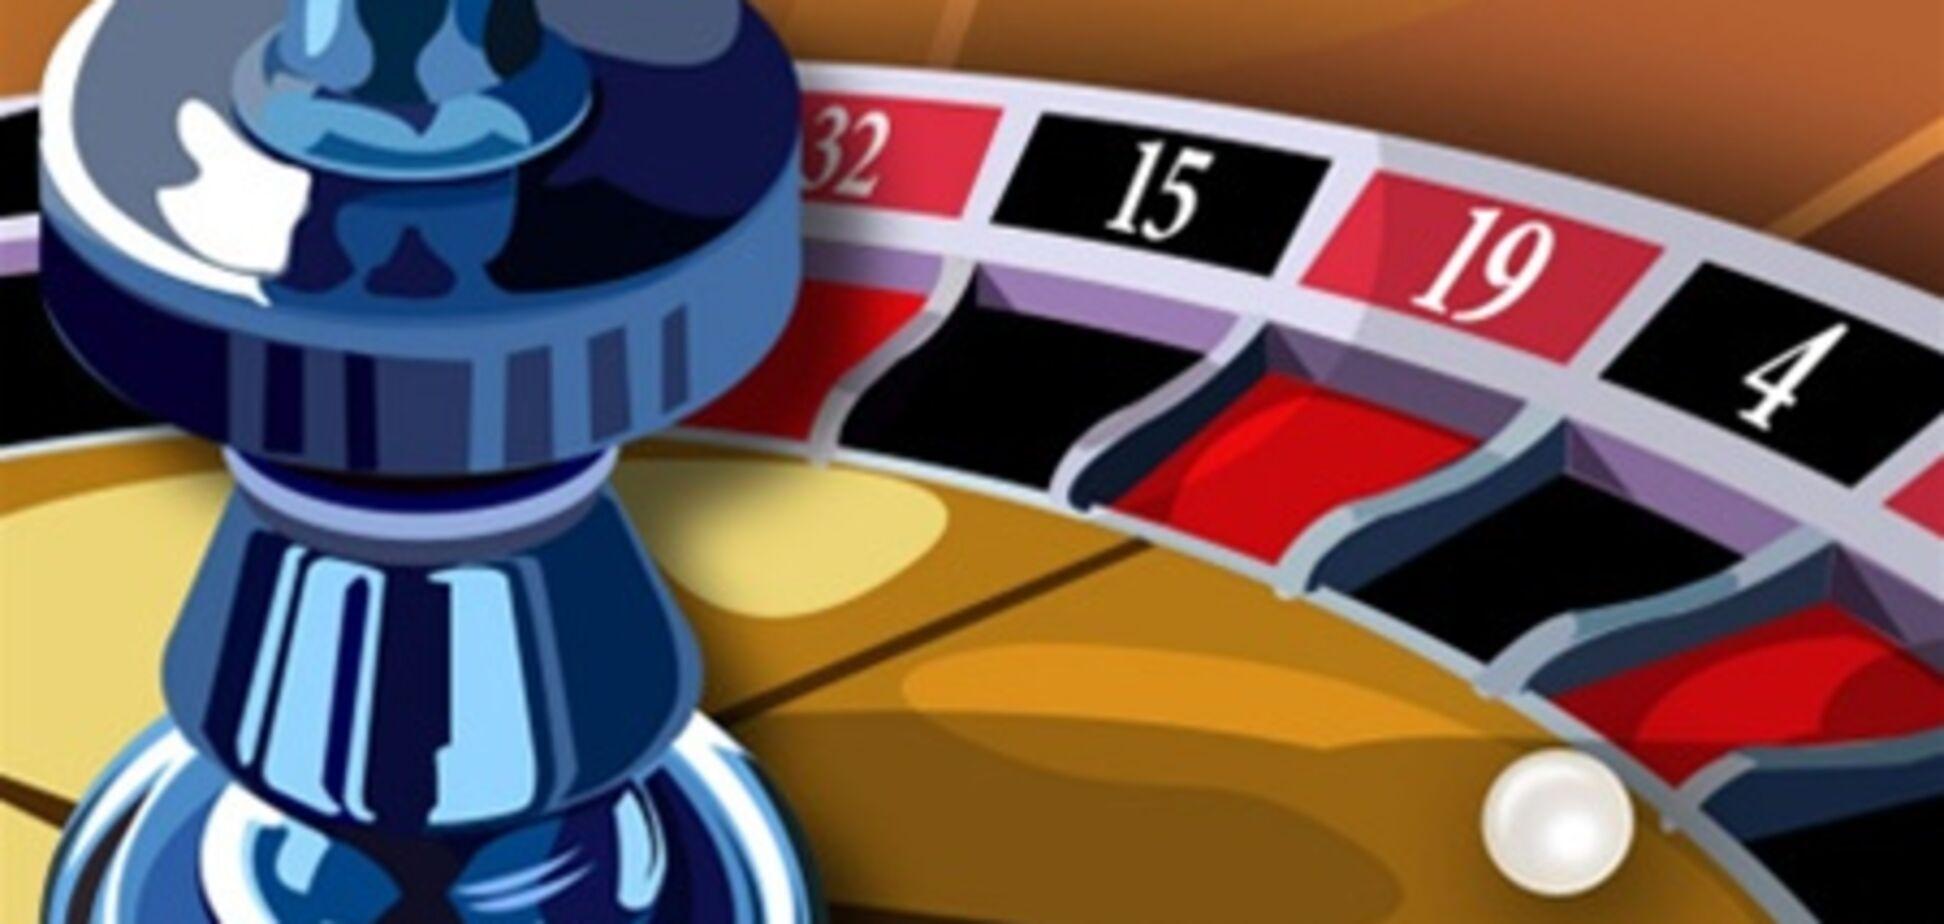 Жителей Киева попросили жаловаться на казино